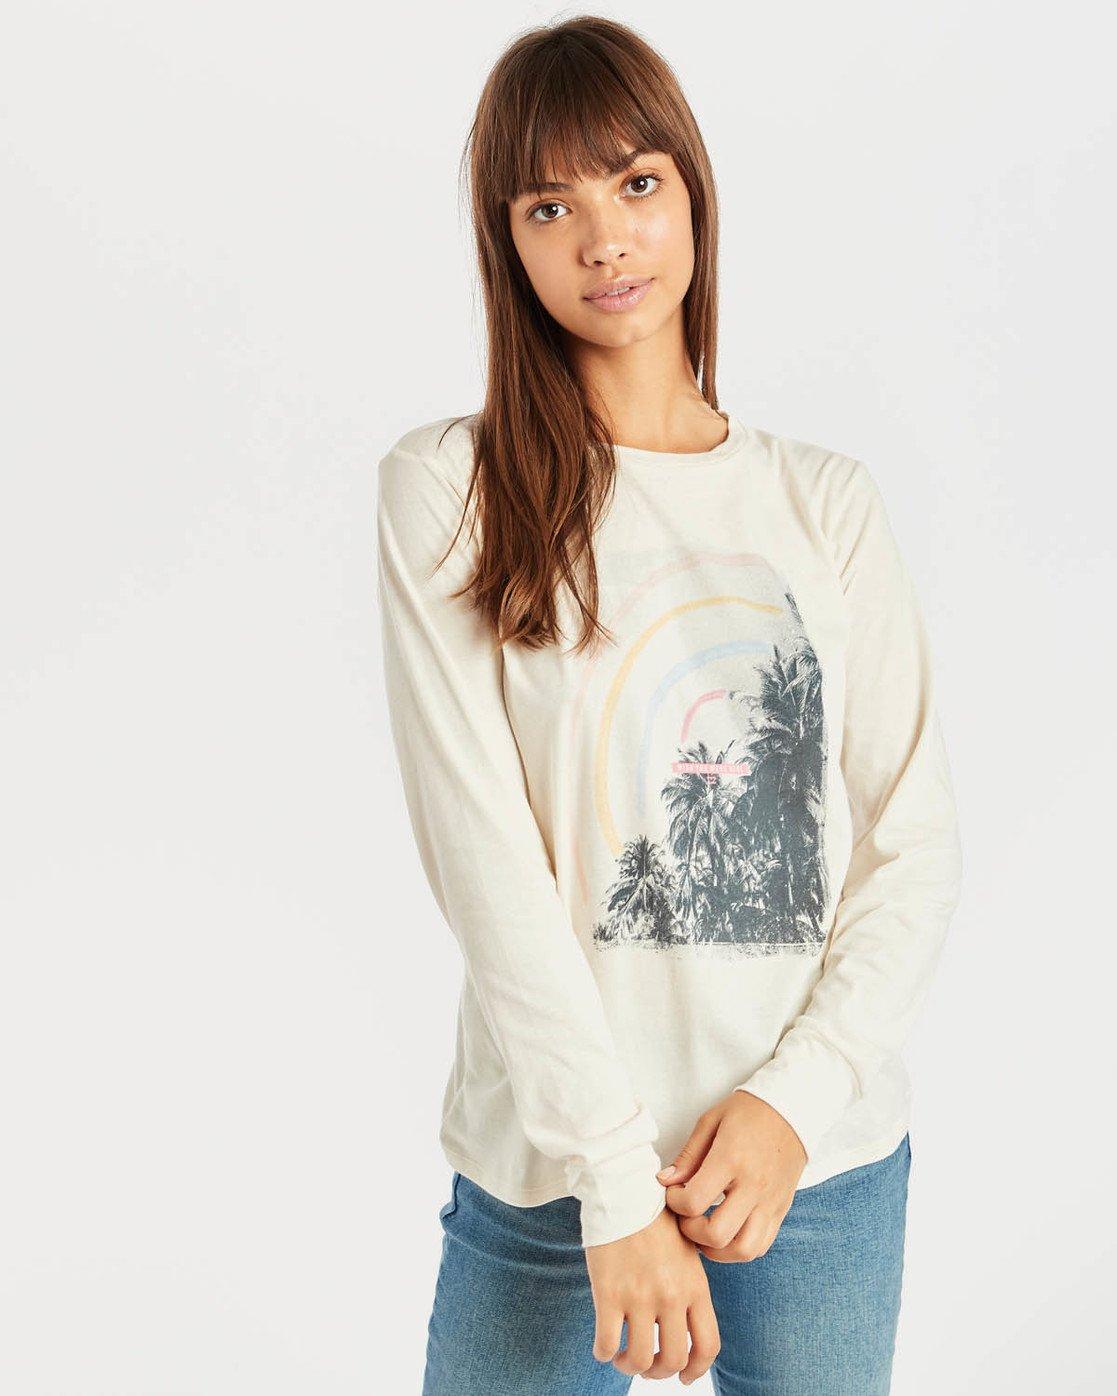 Cool Wip All Sizes Billabong High Tide Womens T-shirt Long Sleeve